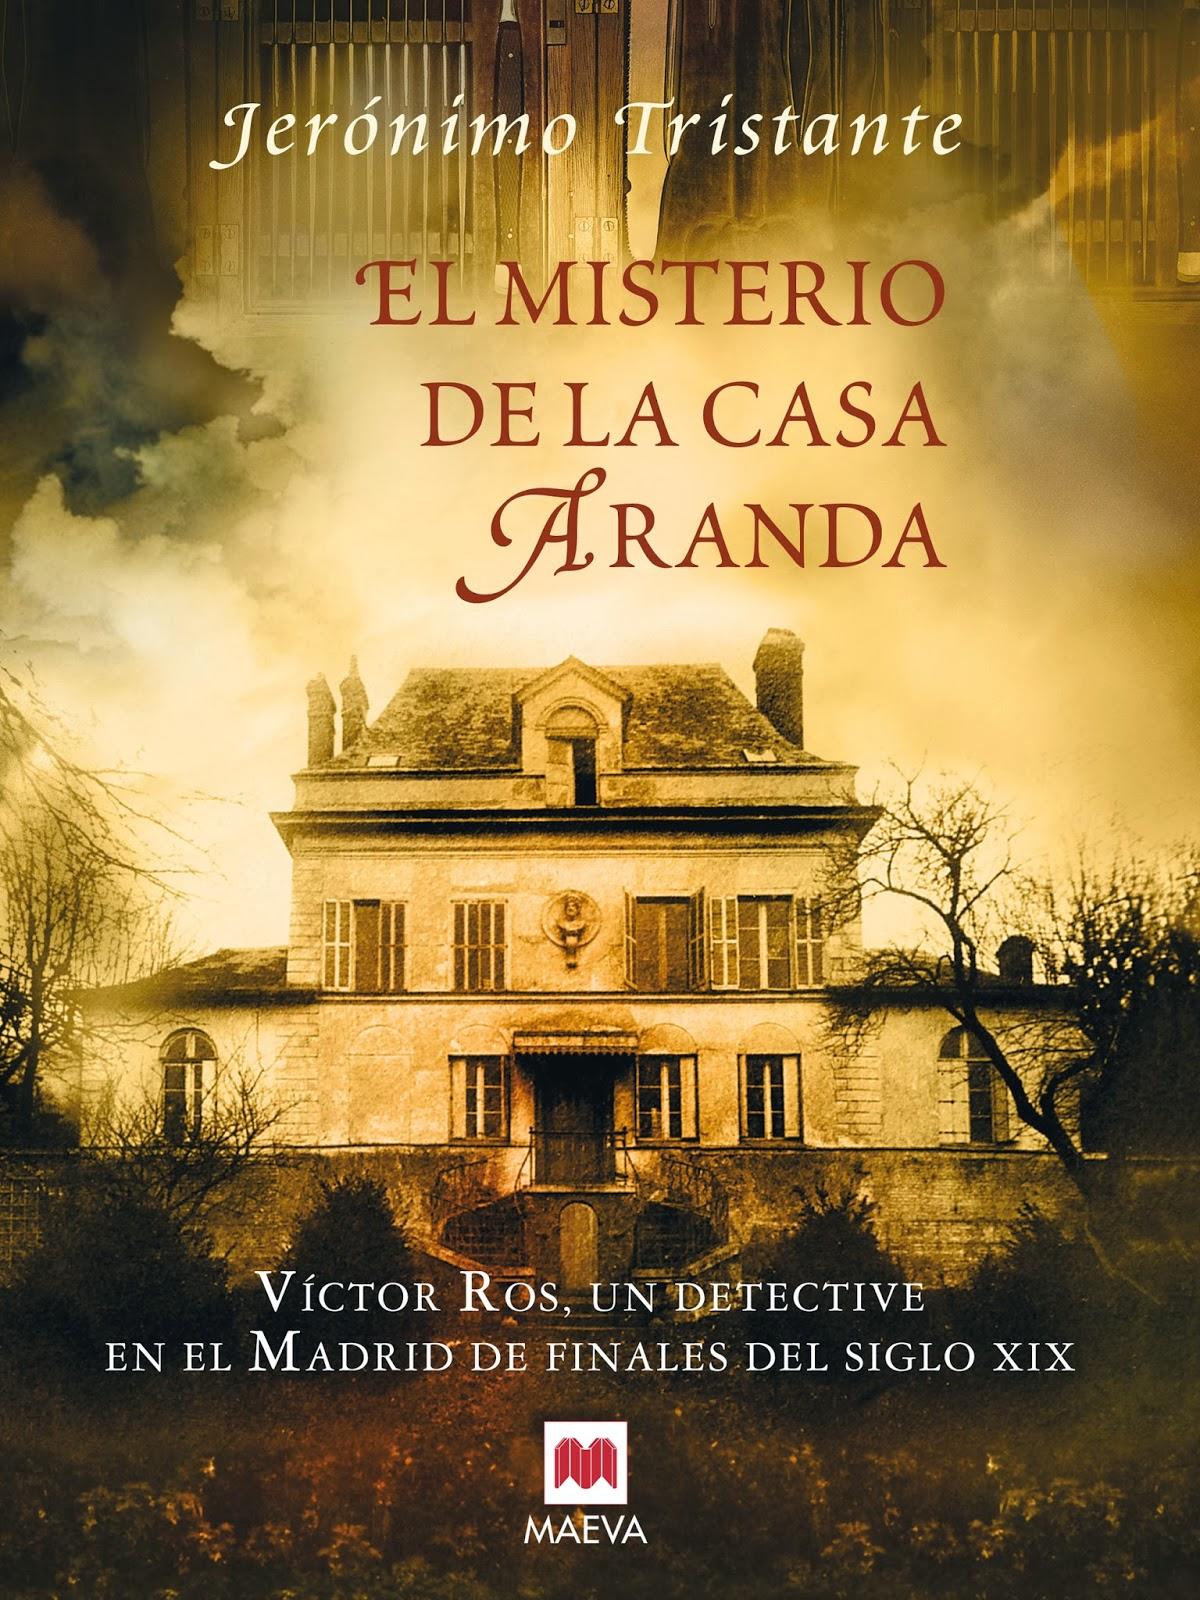 El misterio de la casa Aranda de Jerónimo Tristante